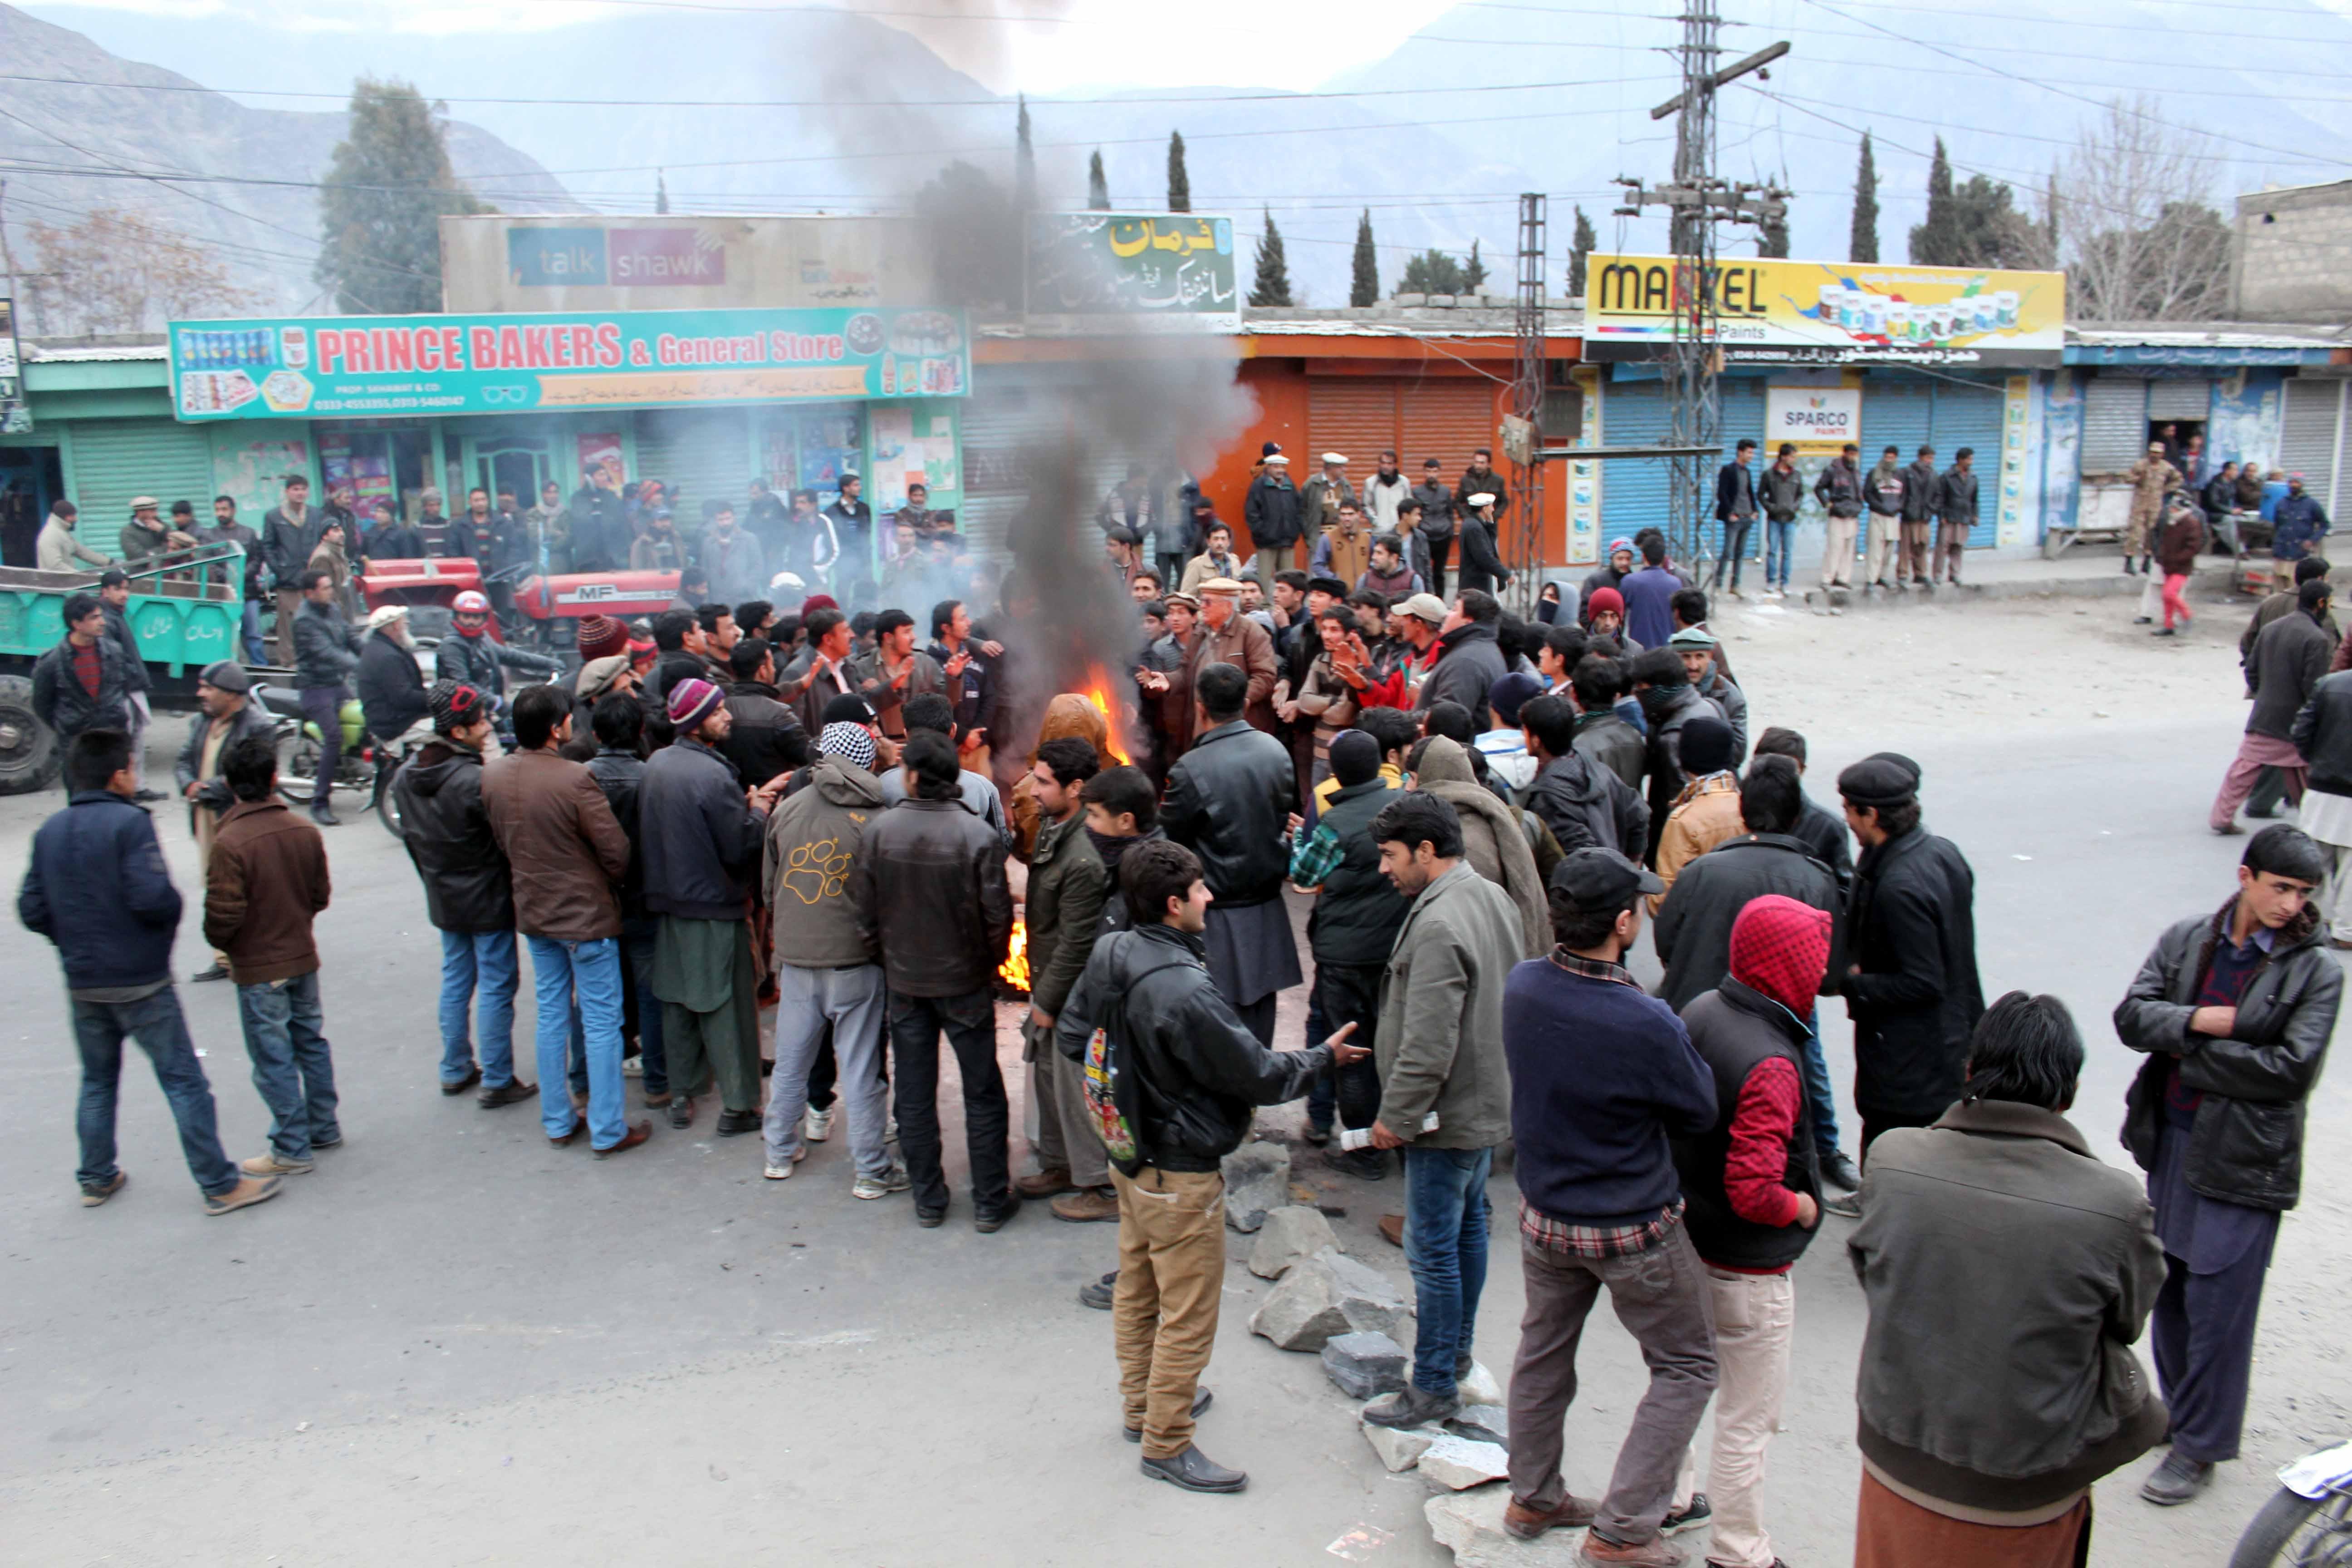 بجلی کے ستائے ہوئے ذوالفقار آباد مکینوں کا روڈ بلاک کر کے احتجاج